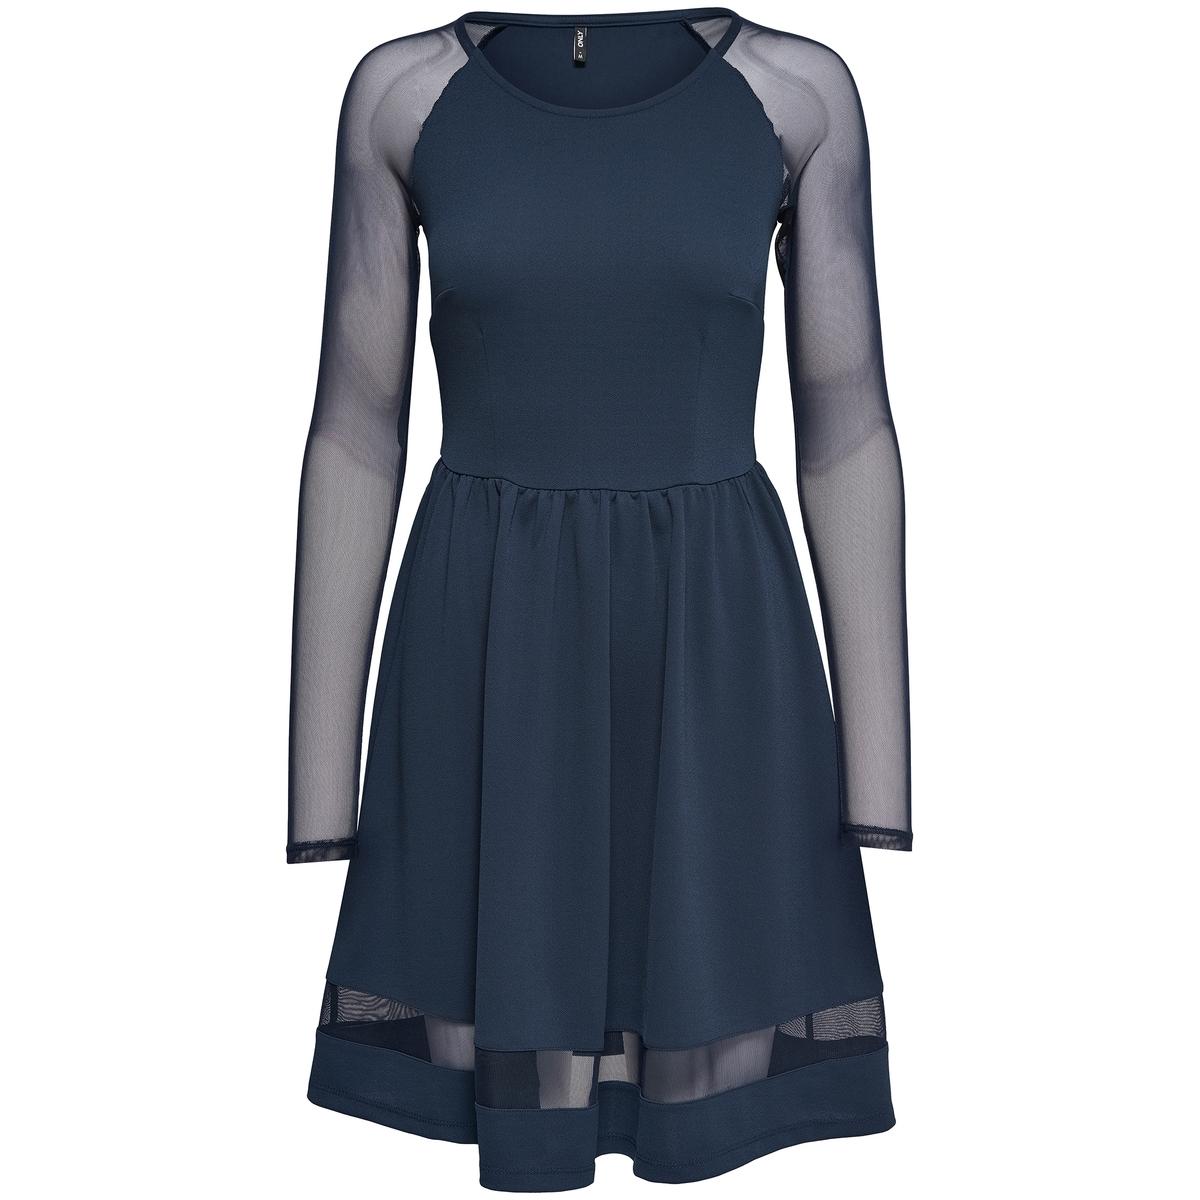 Платье до колен с длинными рукавамиДетали •  Форма : расклешенная •  Длина до колен •  Длинные рукава     •  Круглый вырезСостав и уход •  5% эластана, 95% полиэстера  •  Следуйте советам по уходу, указанным на этикетке<br><br>Цвет: синий